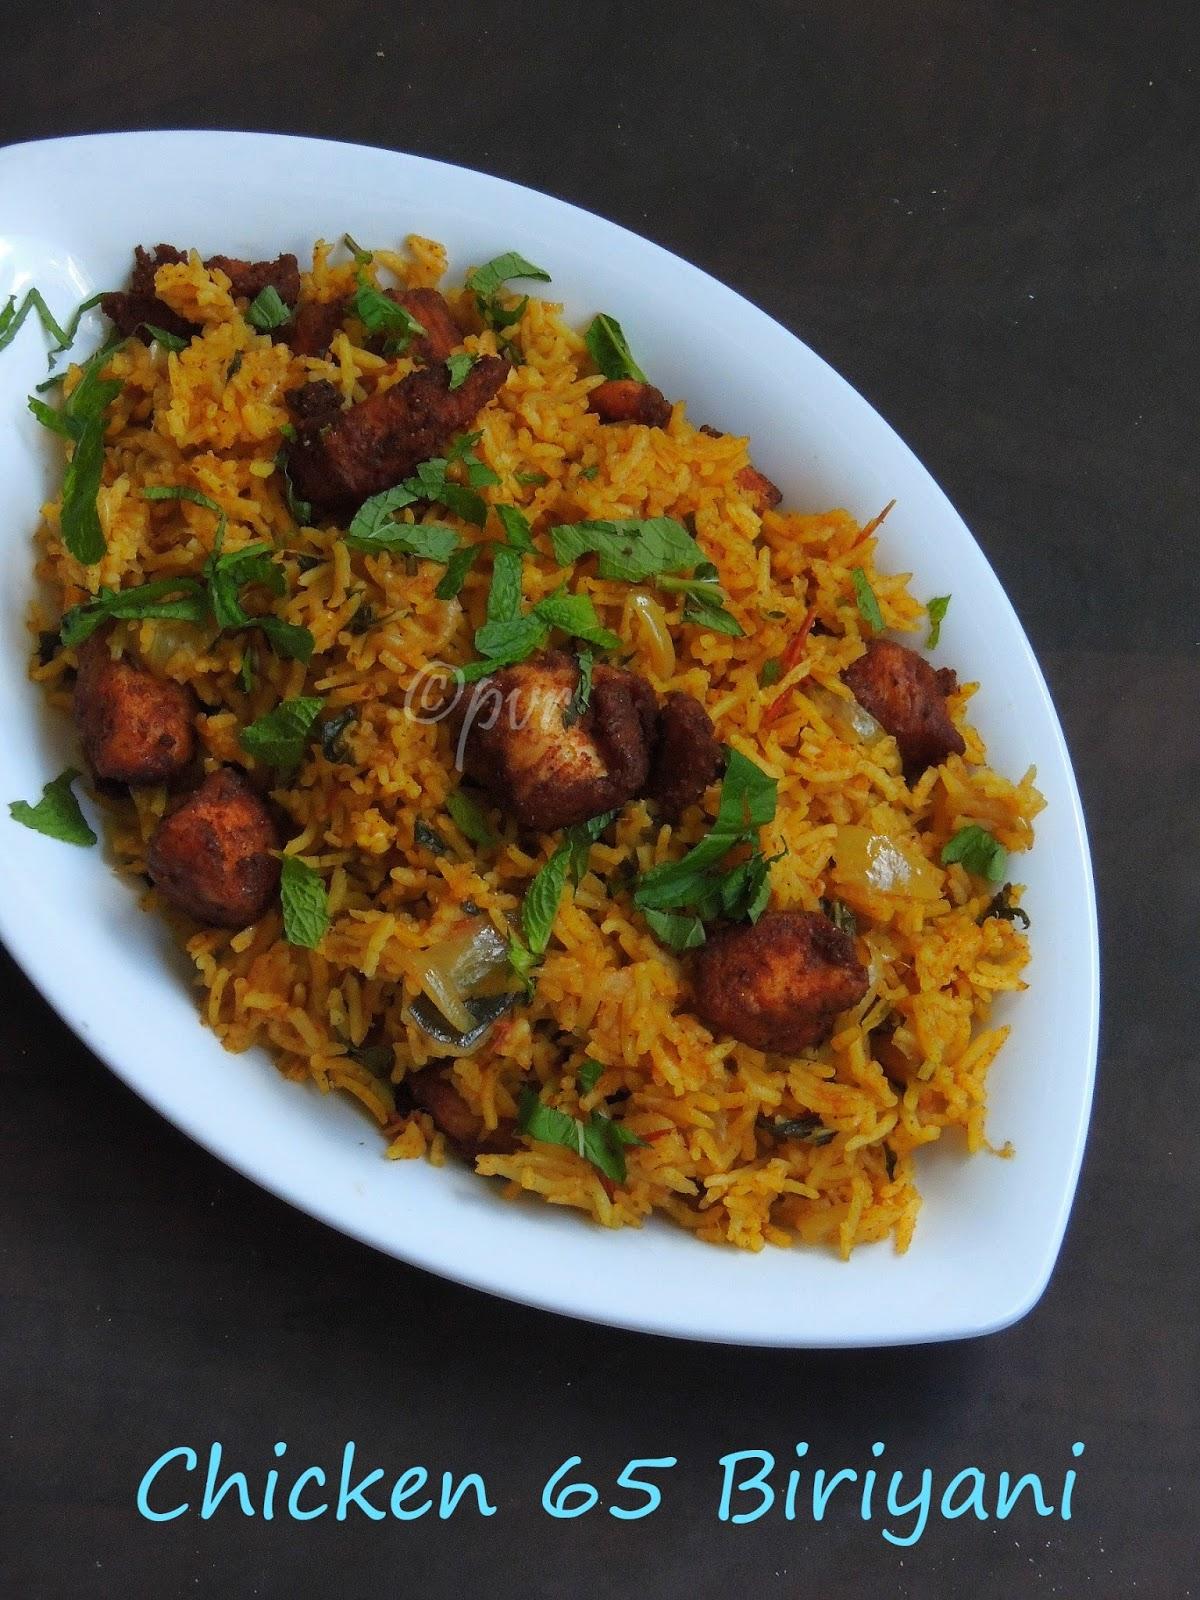 how to make chicken 65 biryani